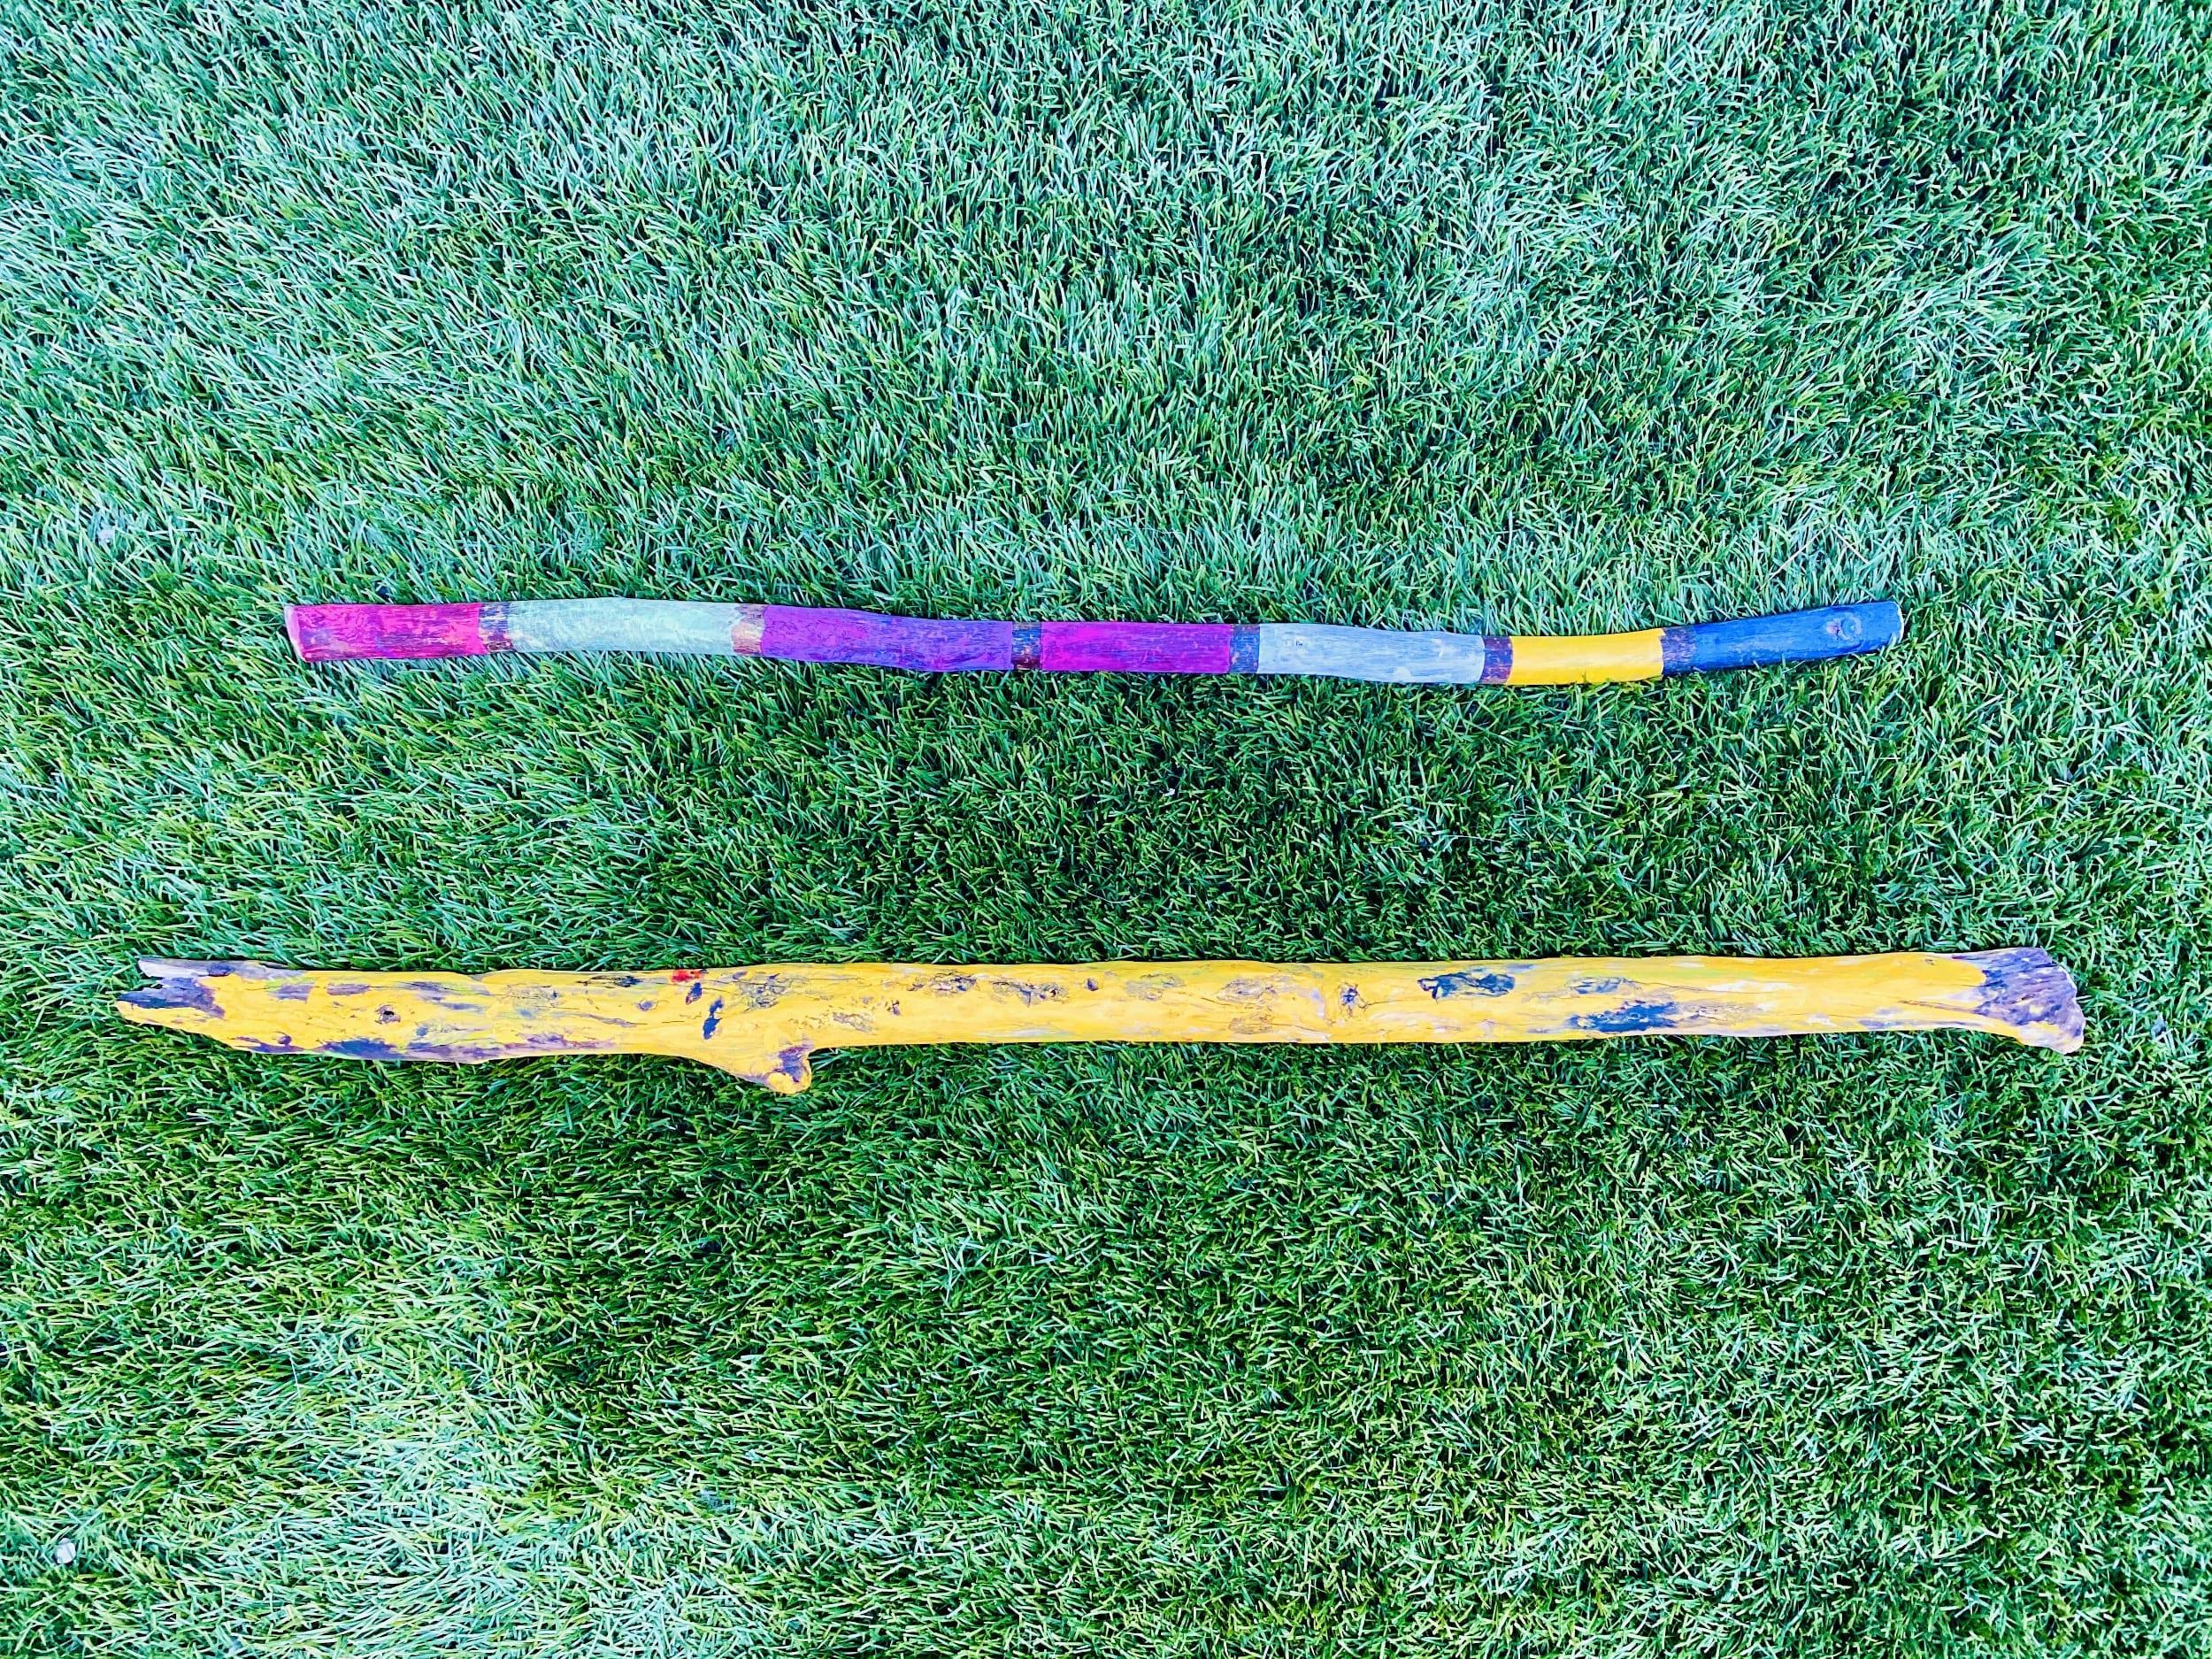 Painted Walking Sticks